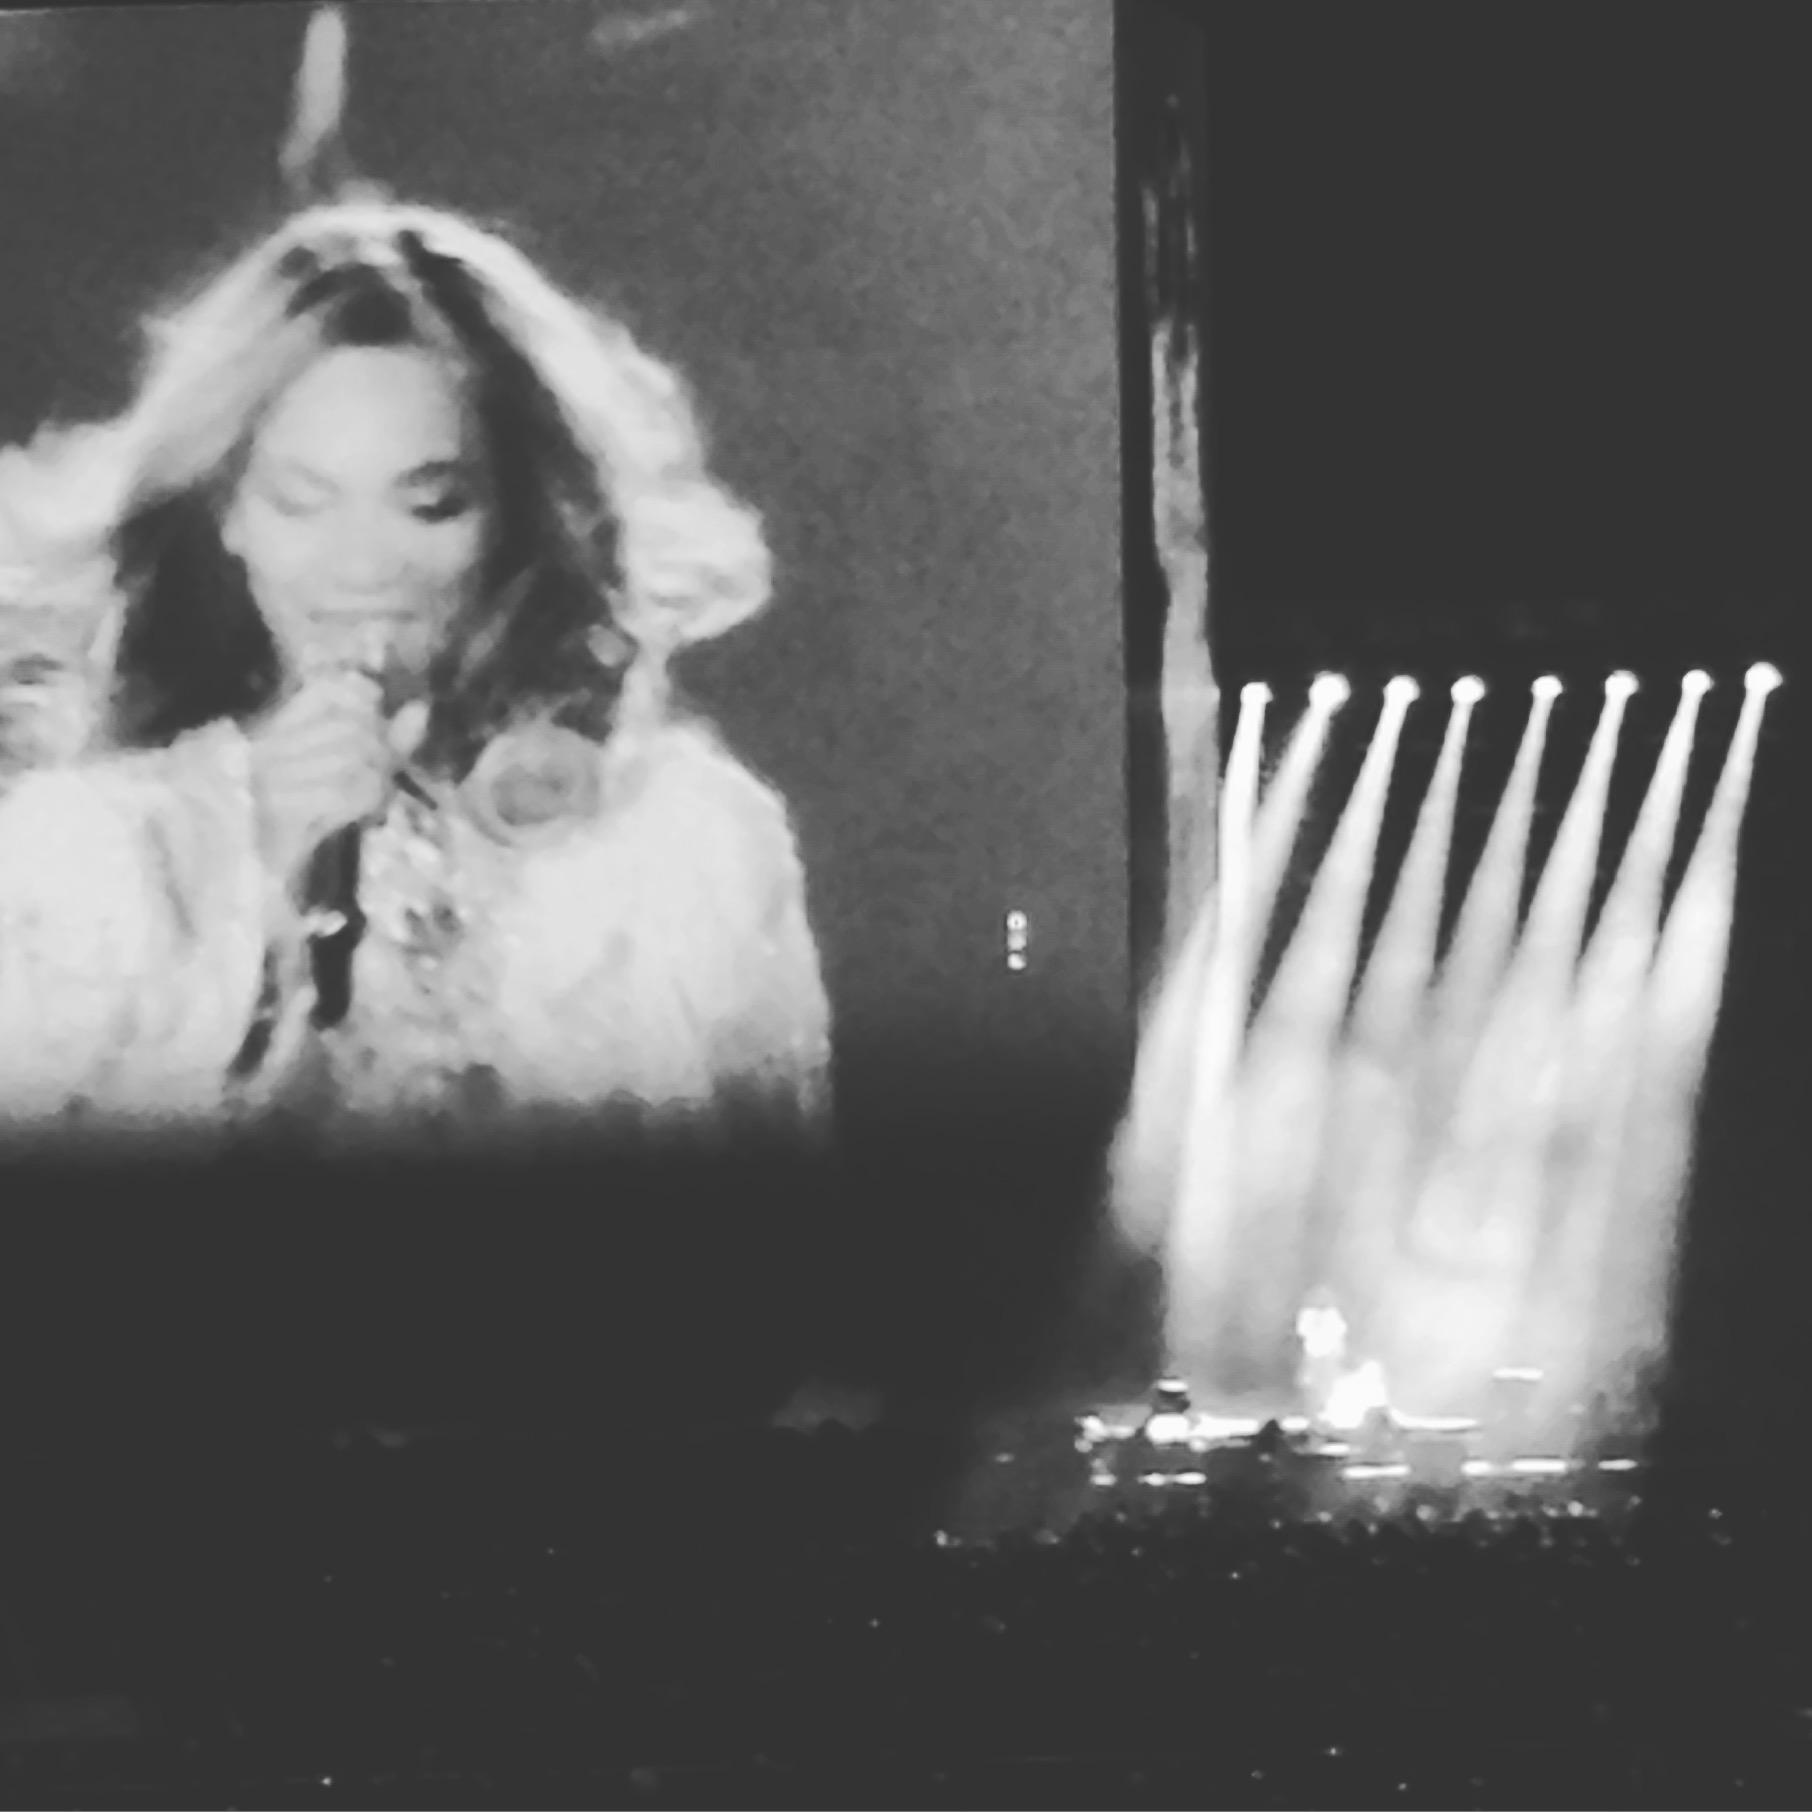 Beyonce at ArenA